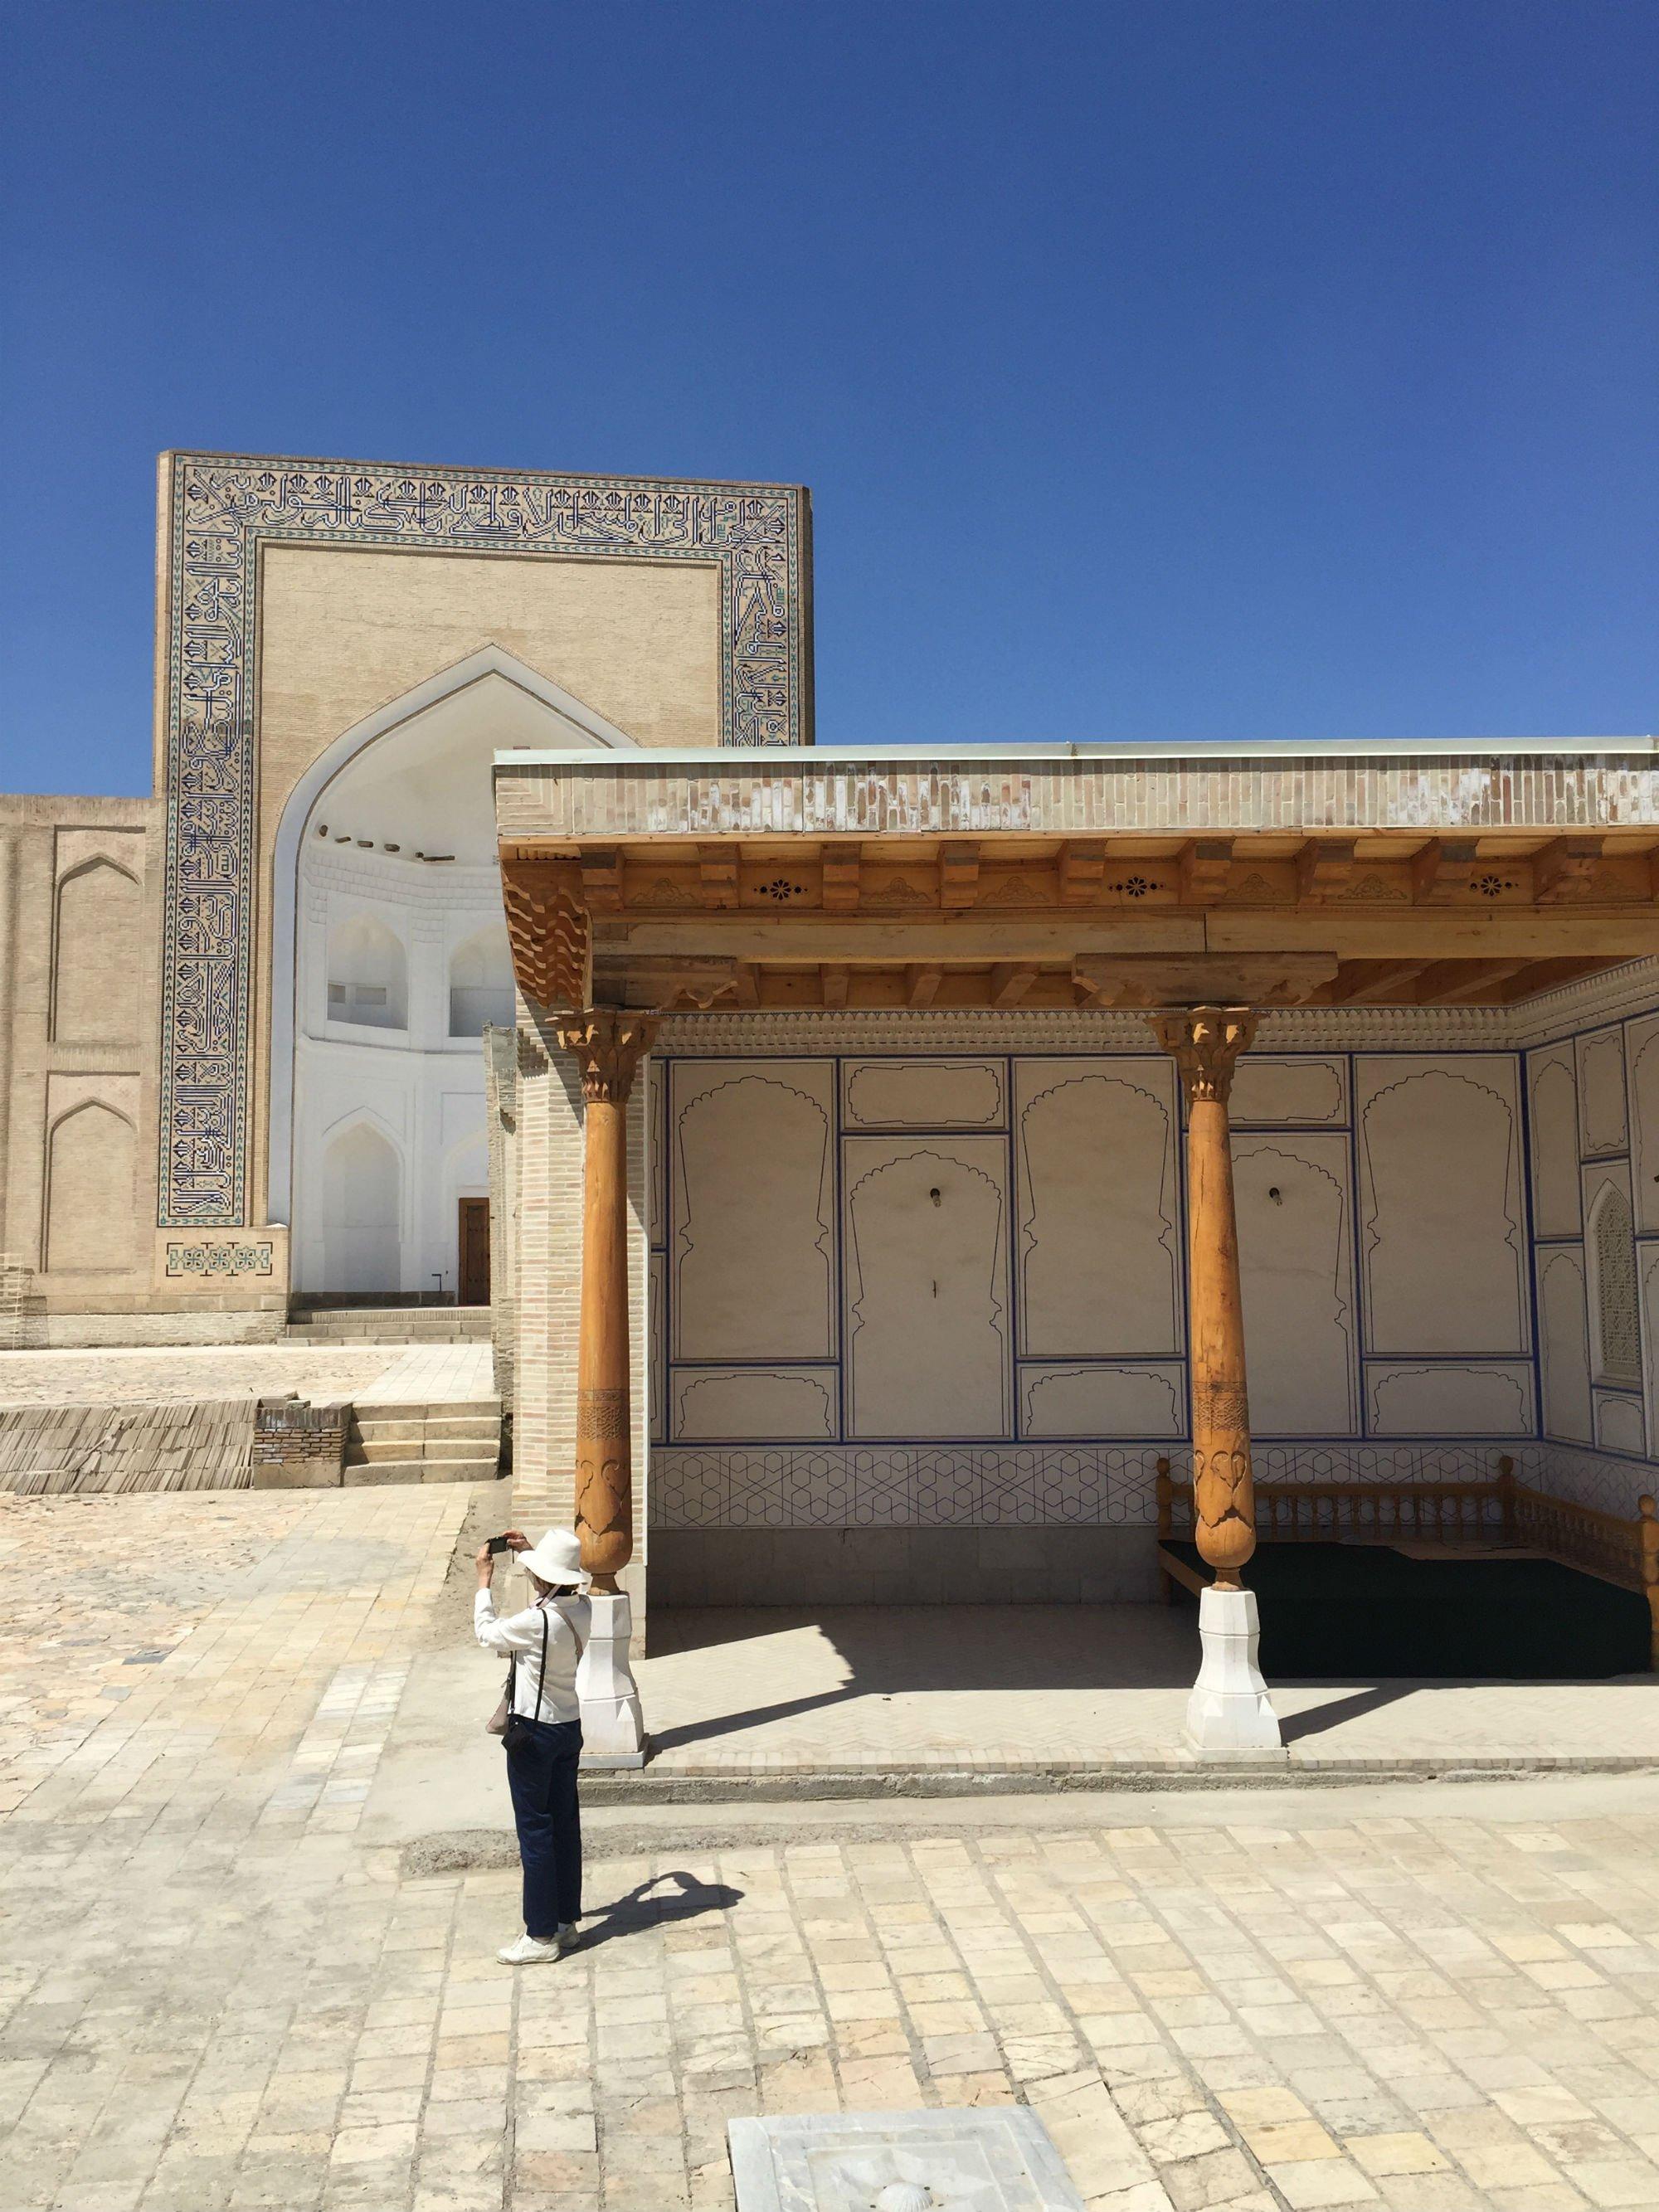 UZBEKISTAN Bukhara Chor Bakr VIAGGIO IN UZBEKISTAN